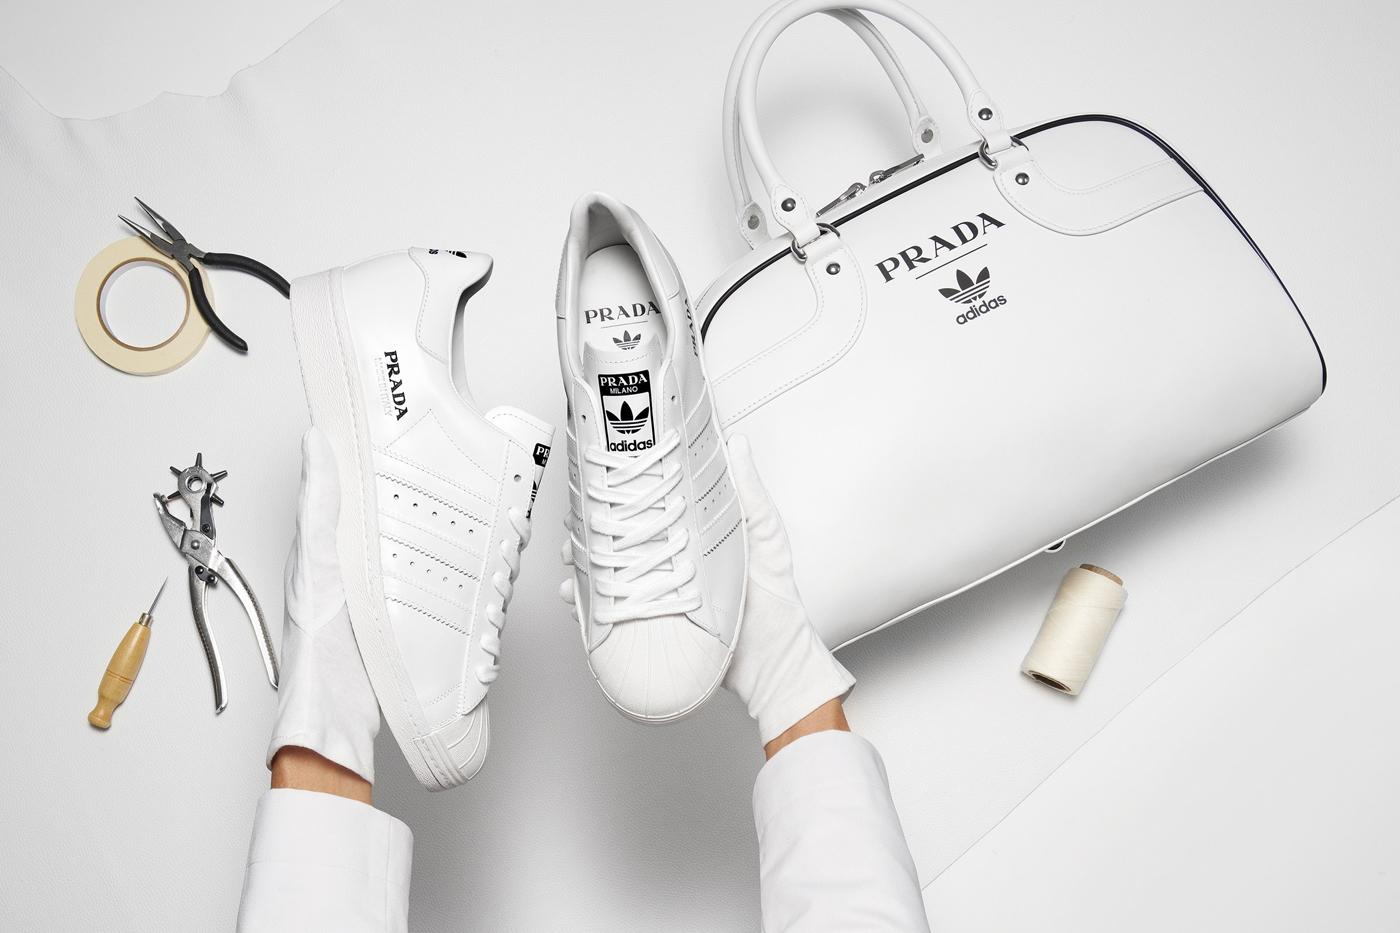 Adidas Prada